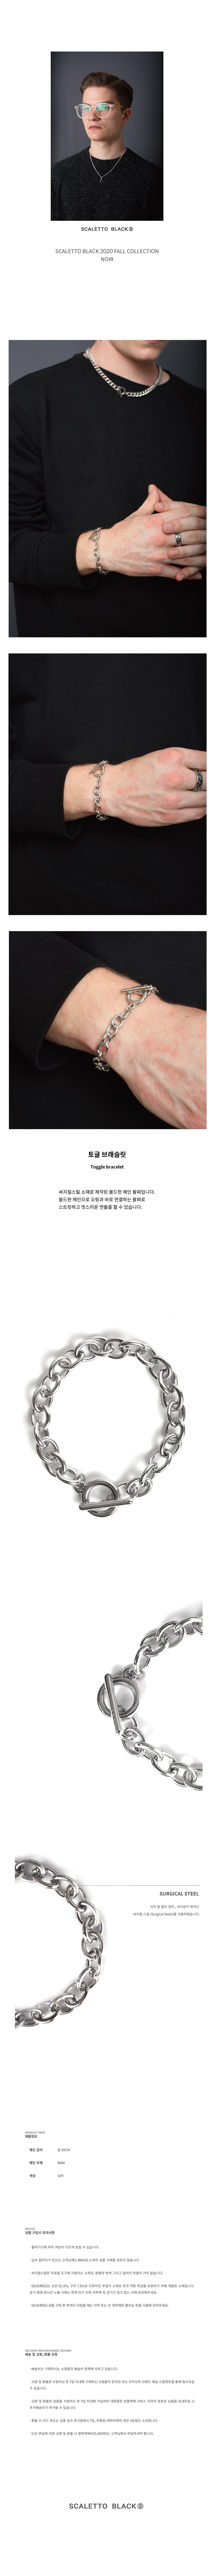 스칼렛또블랙(SCALETTOBLACK) SCB112 [써지컬스틸] Toggle bracelet